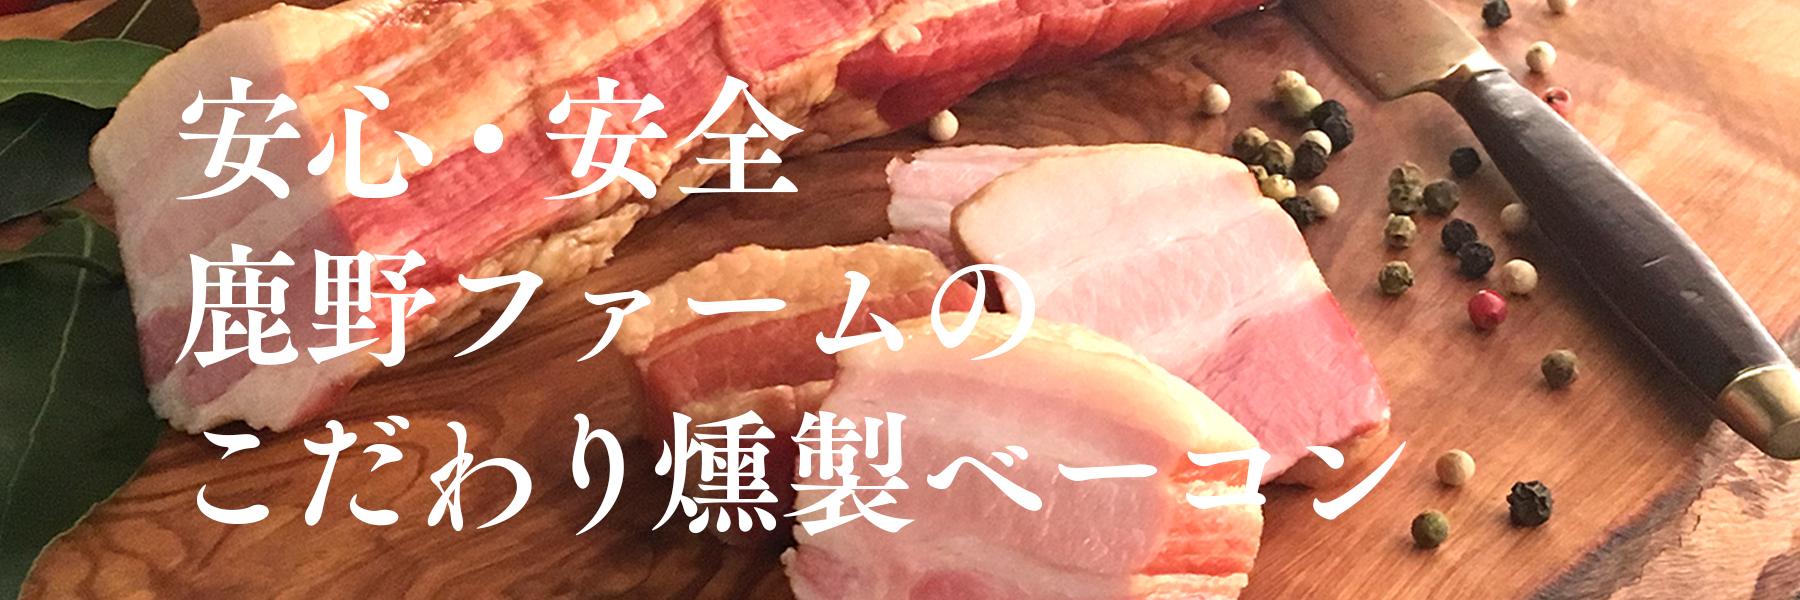 肉ぎっしりのウィンナー・ソーセージ